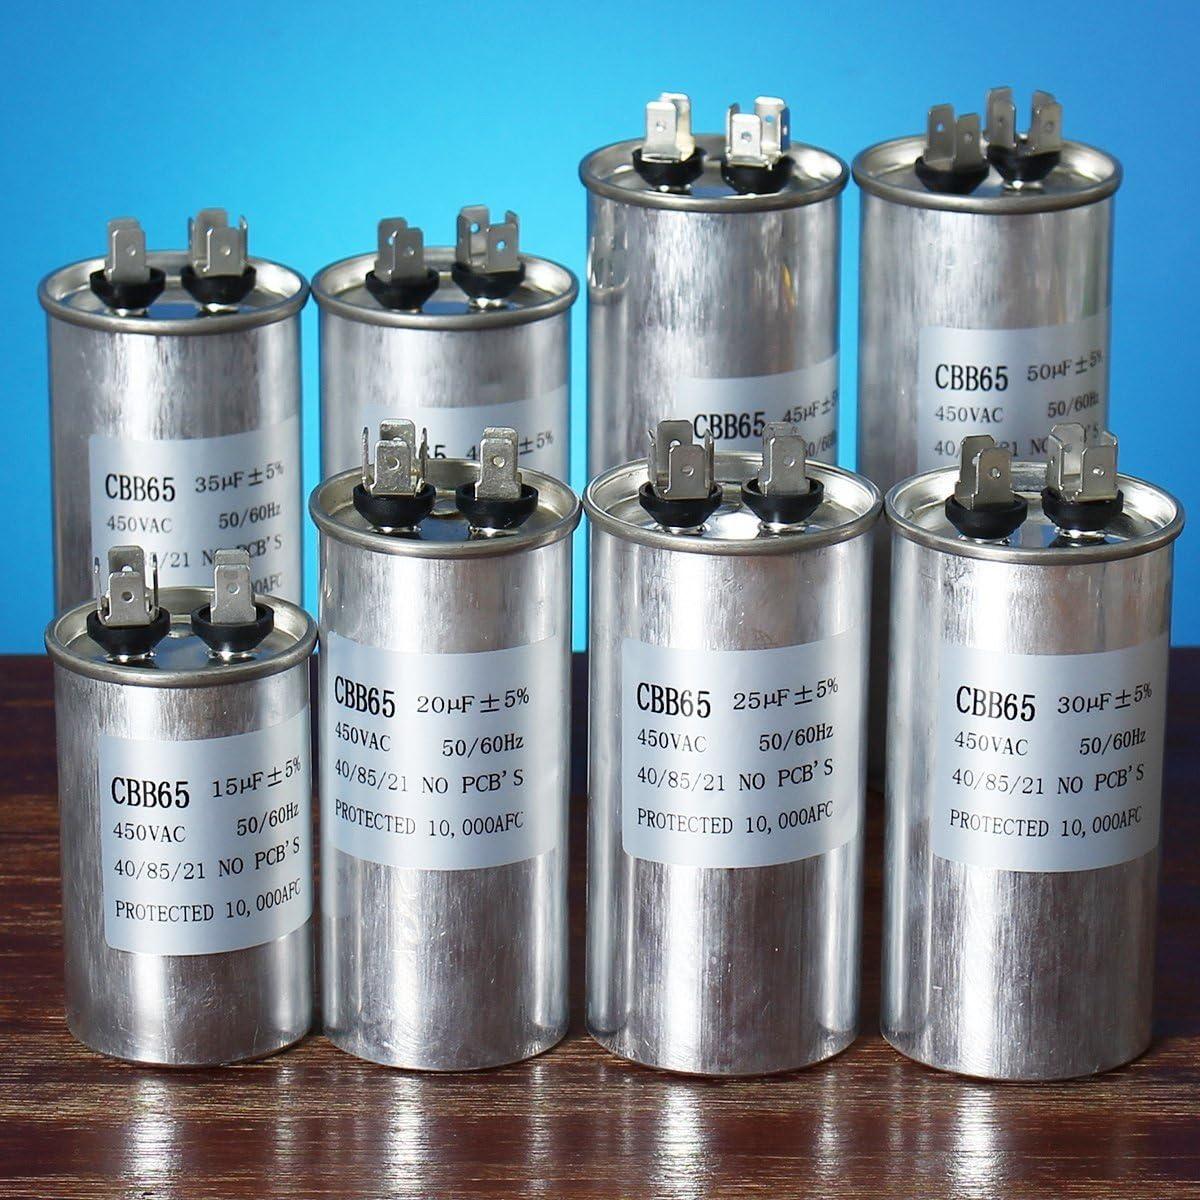 Bluelover 15-50Uf Motor Condensador Cbb65 450Vac Compresor De Aire Acondicionado Inicio Capacitor-F